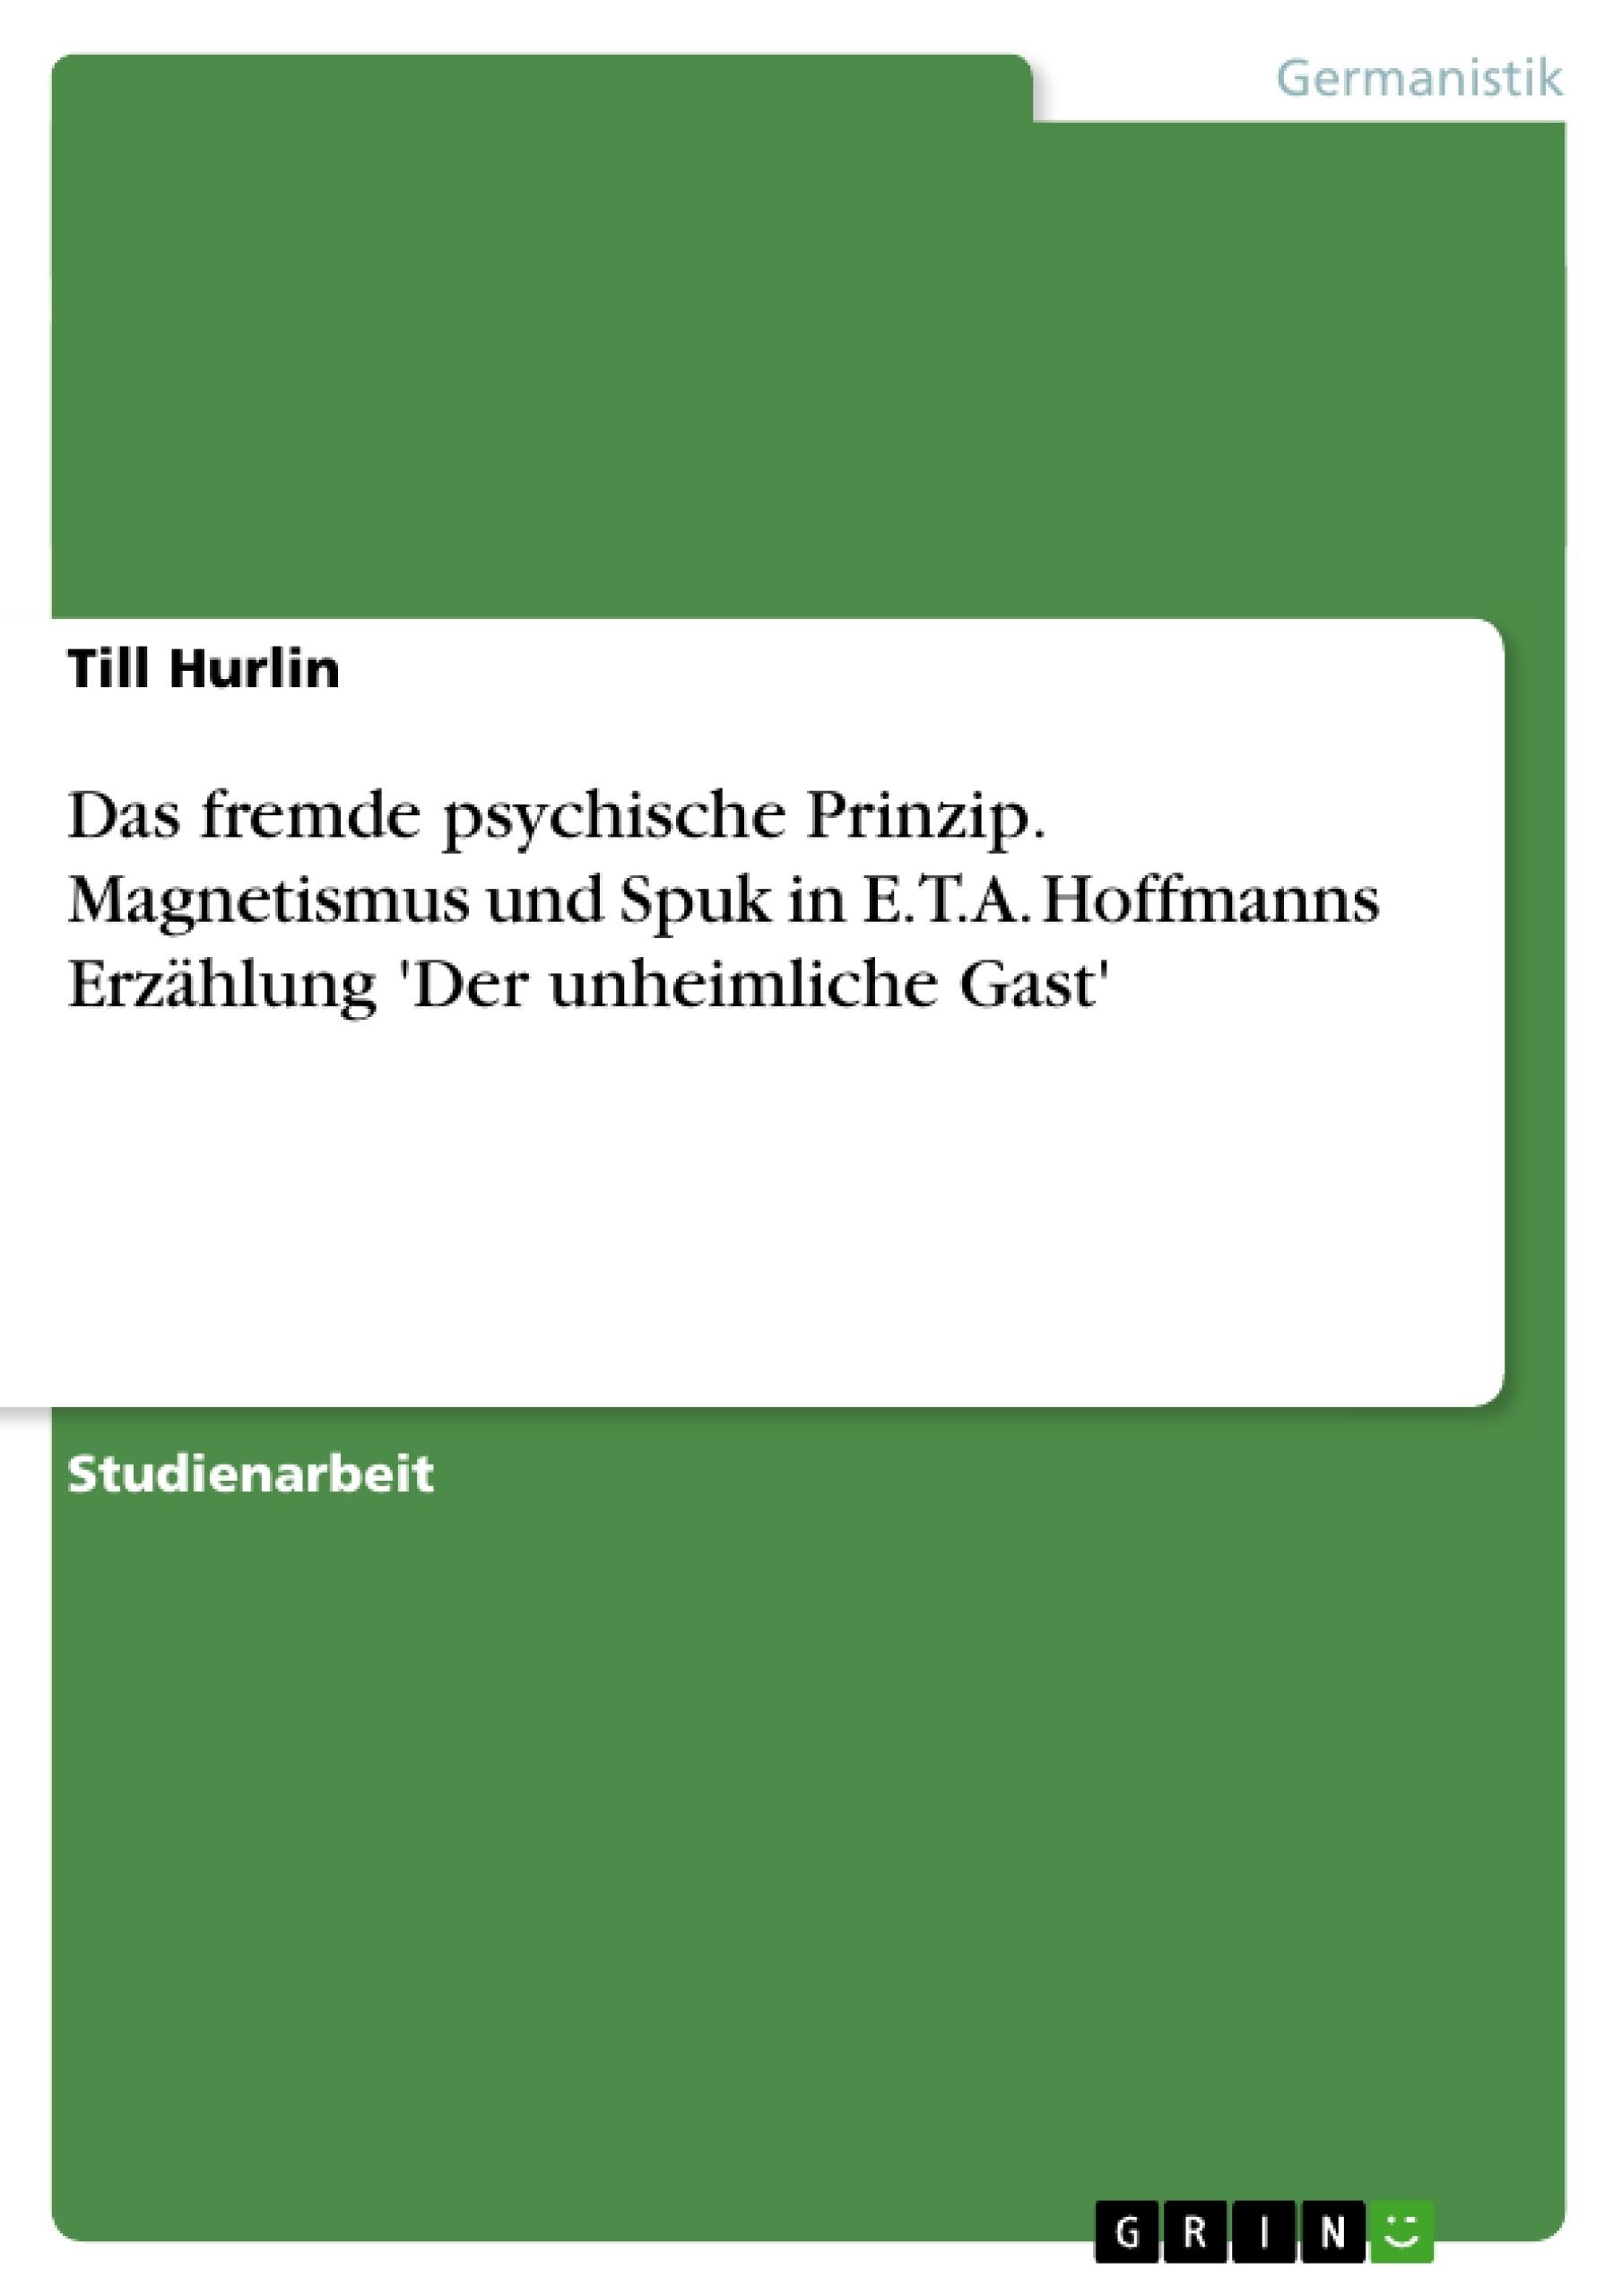 Titel: Das fremde psychische Prinzip. Magnetismus und Spuk in E.T.A. Hoffmanns Erzählung 'Der unheimliche Gast'